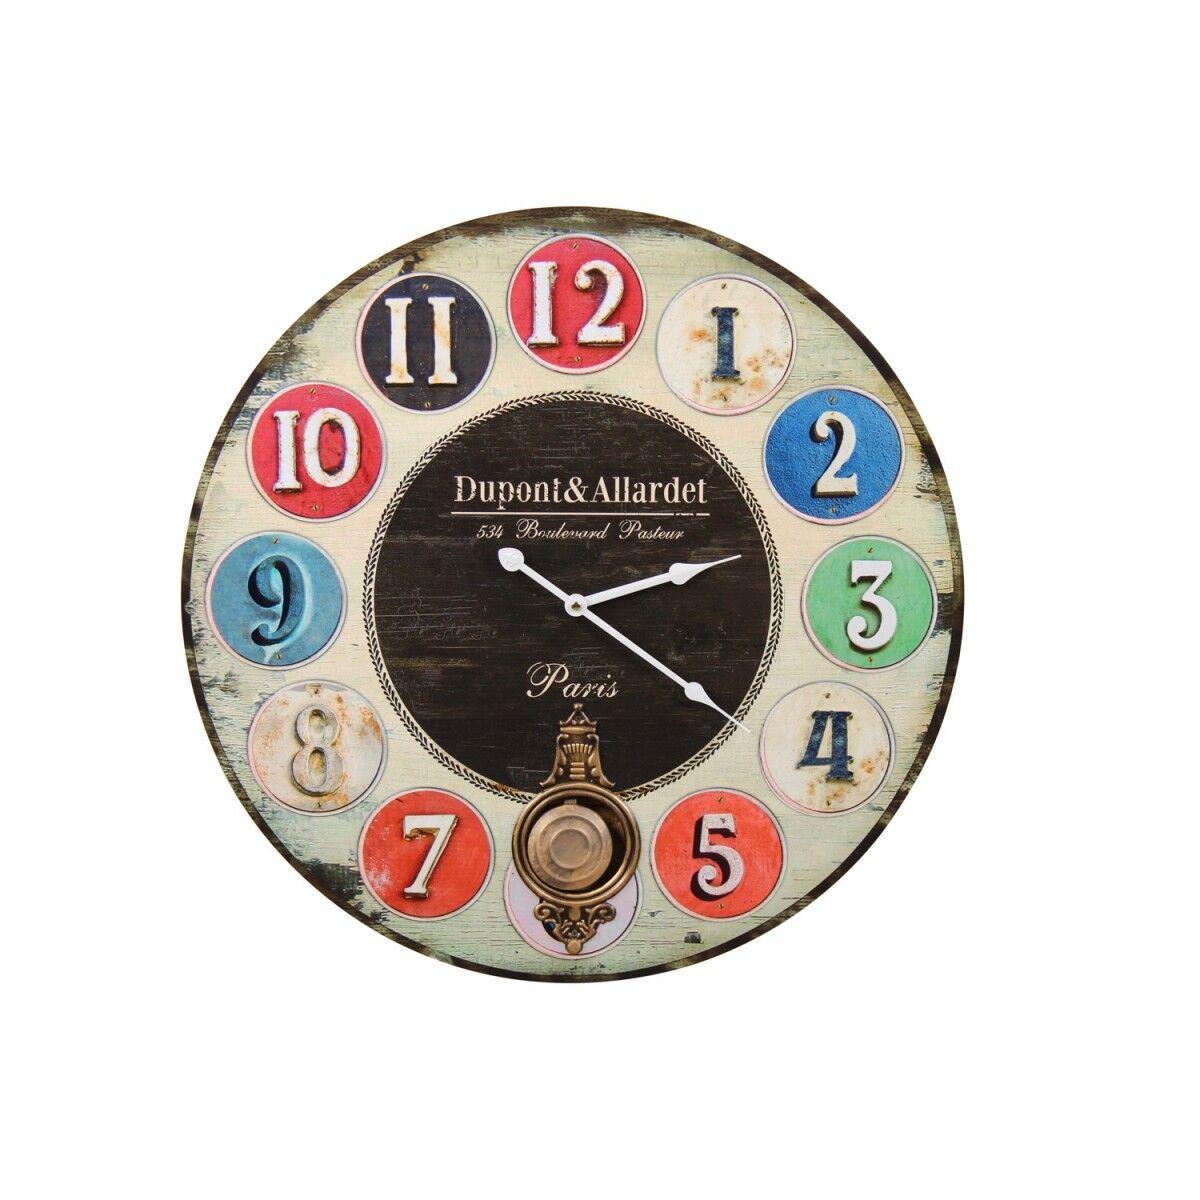 Horloge Ancienne Balancier Dupont & Allardet 58cm - Bois - Multicolore